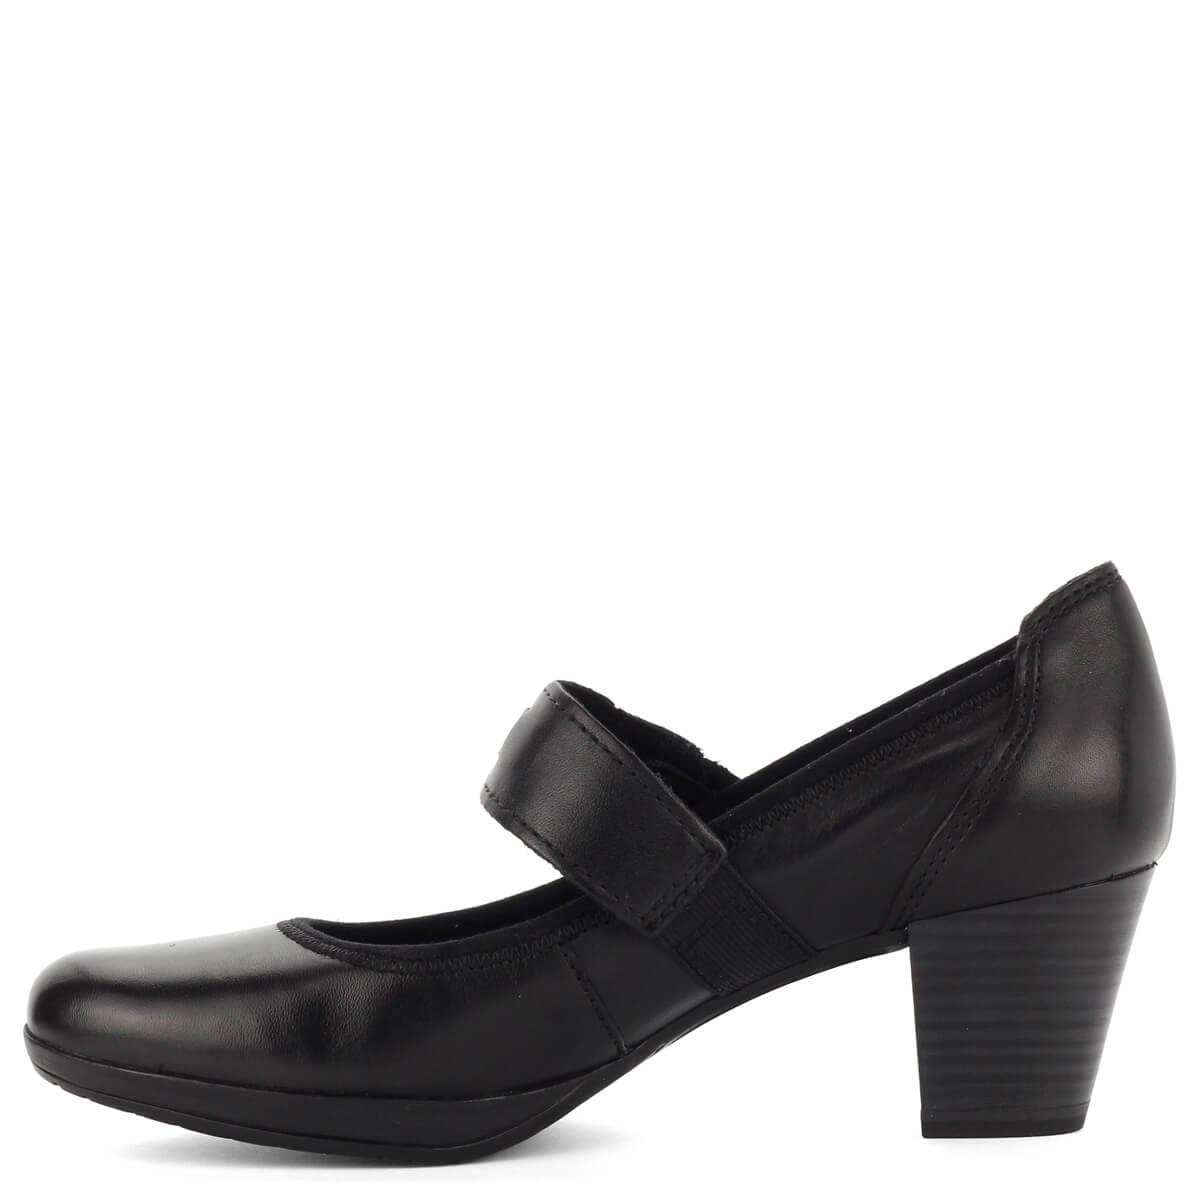 ... Fekete pántos Marco Tozzi cipő puha talpbéléssel. Antishokk sarka 5 6612718951